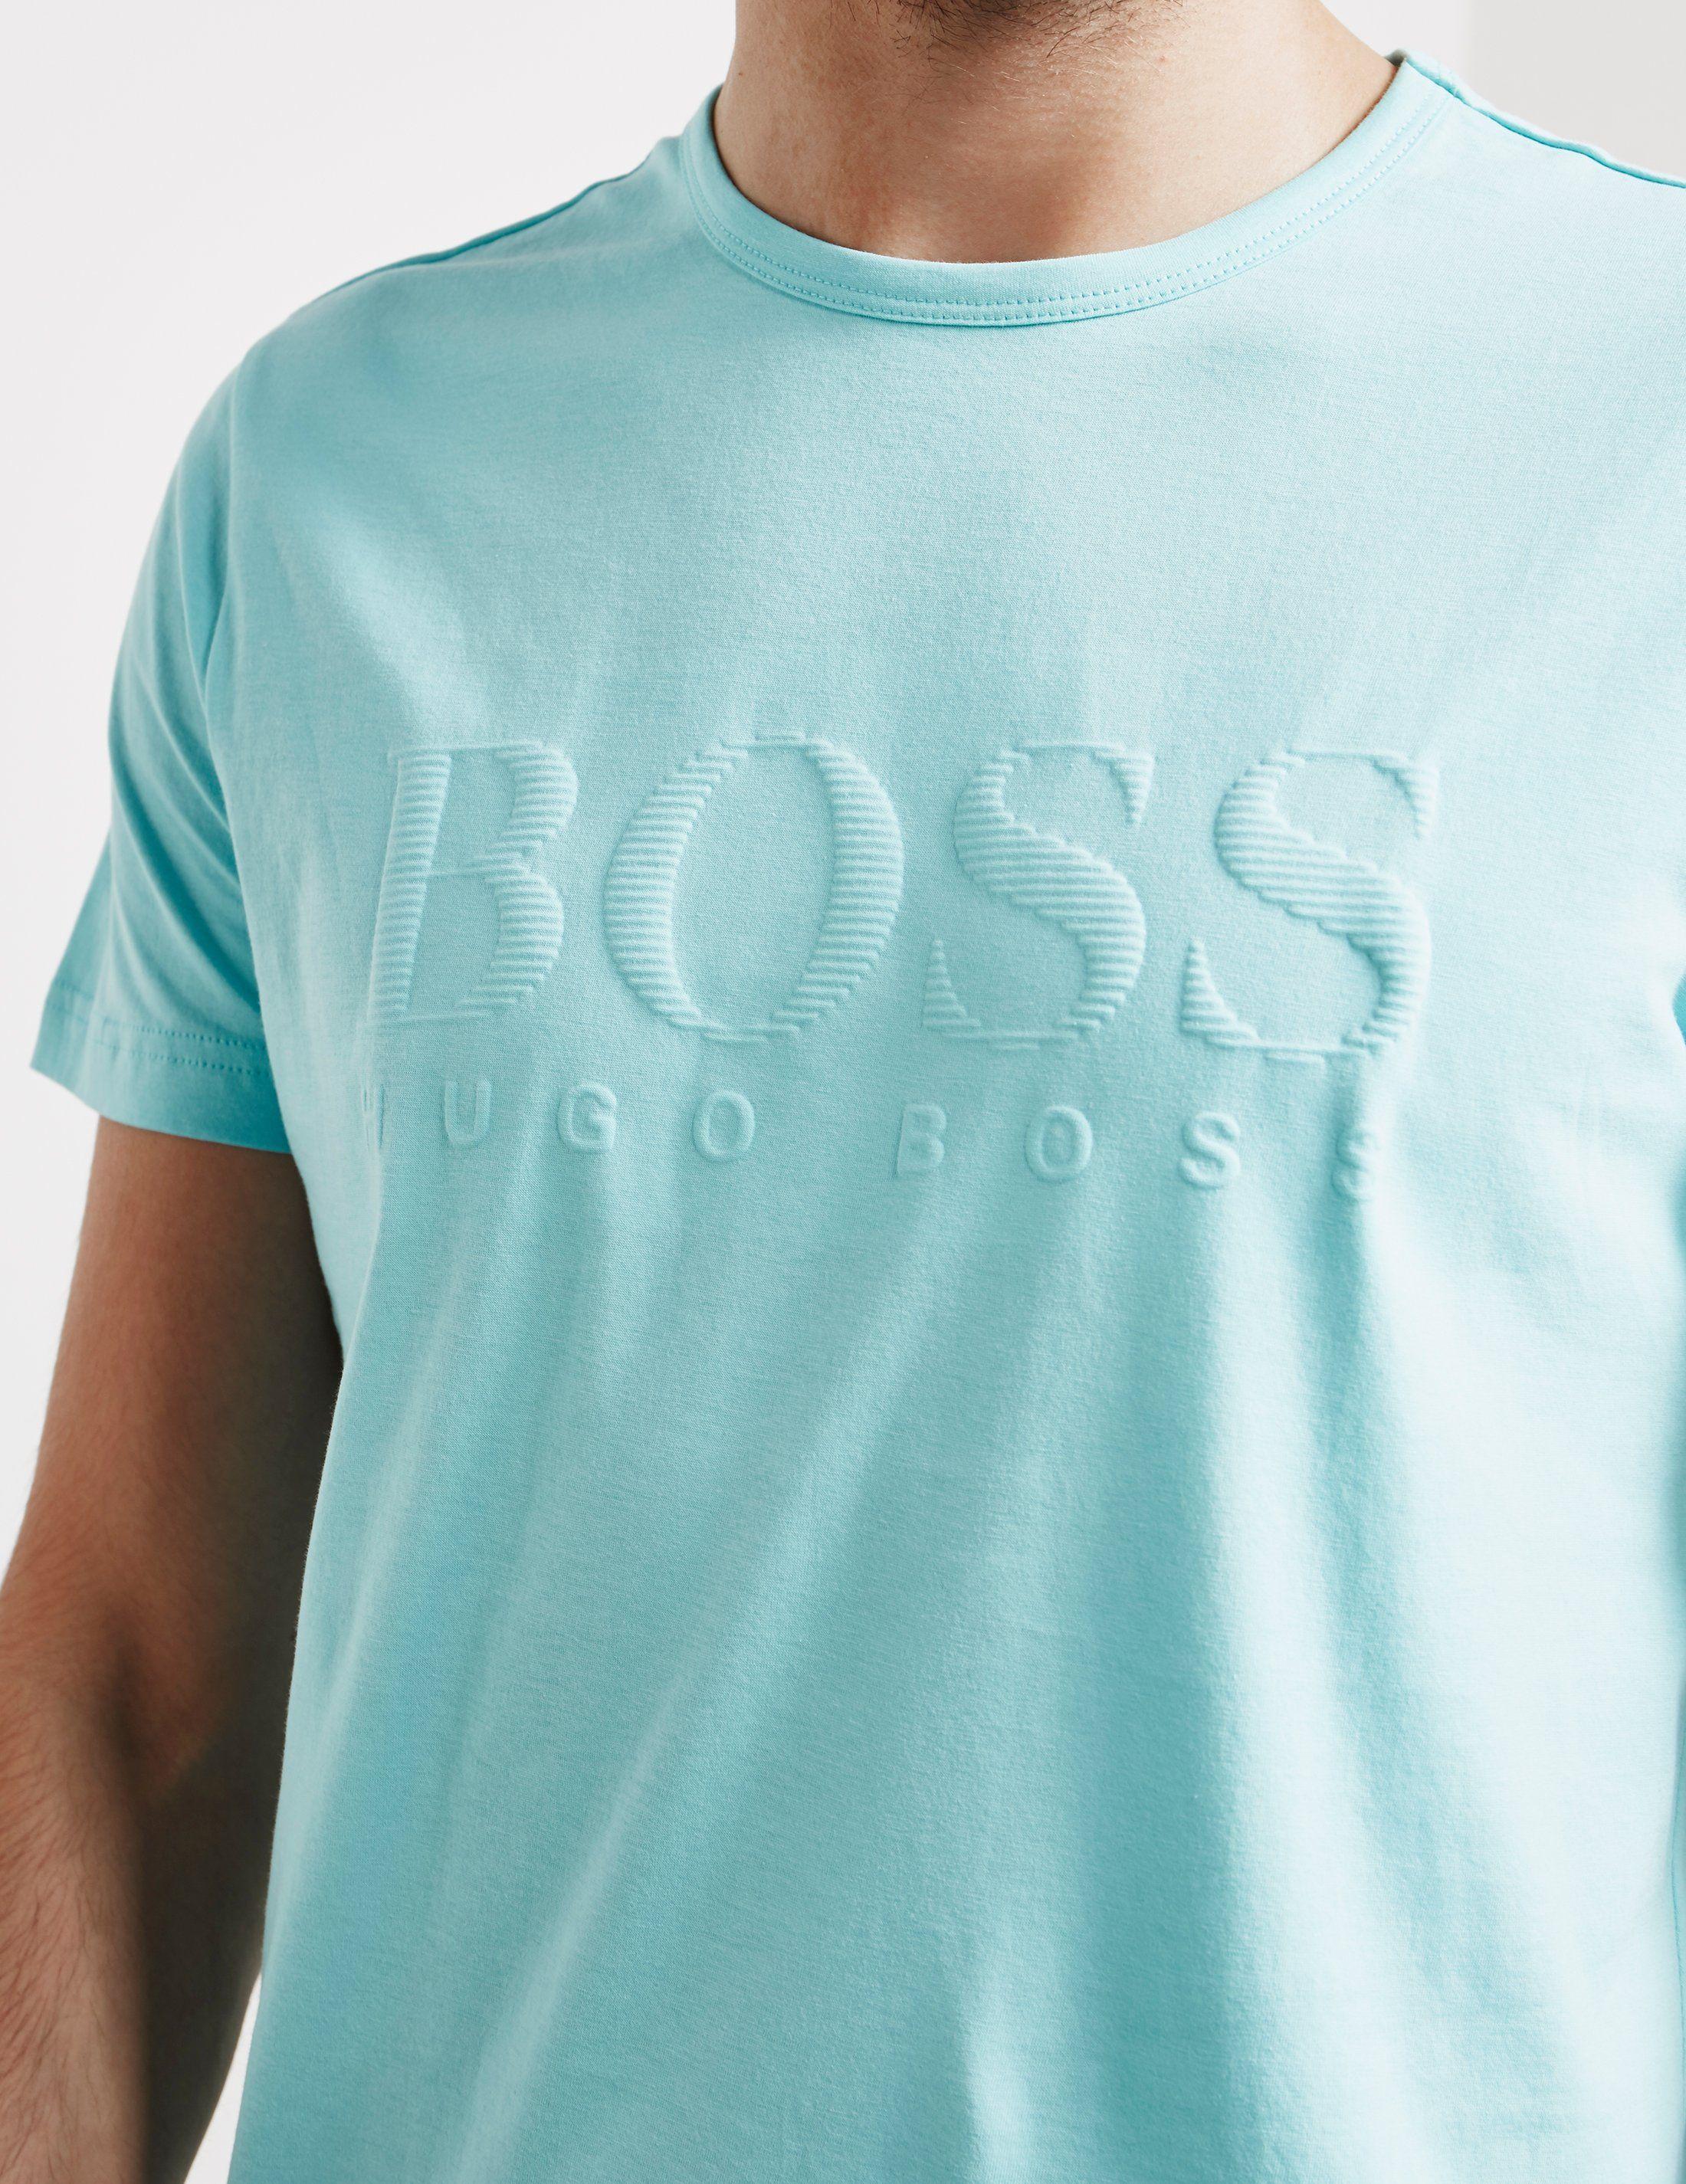 BOSS Tee1 Short Sleeve T-Shirt